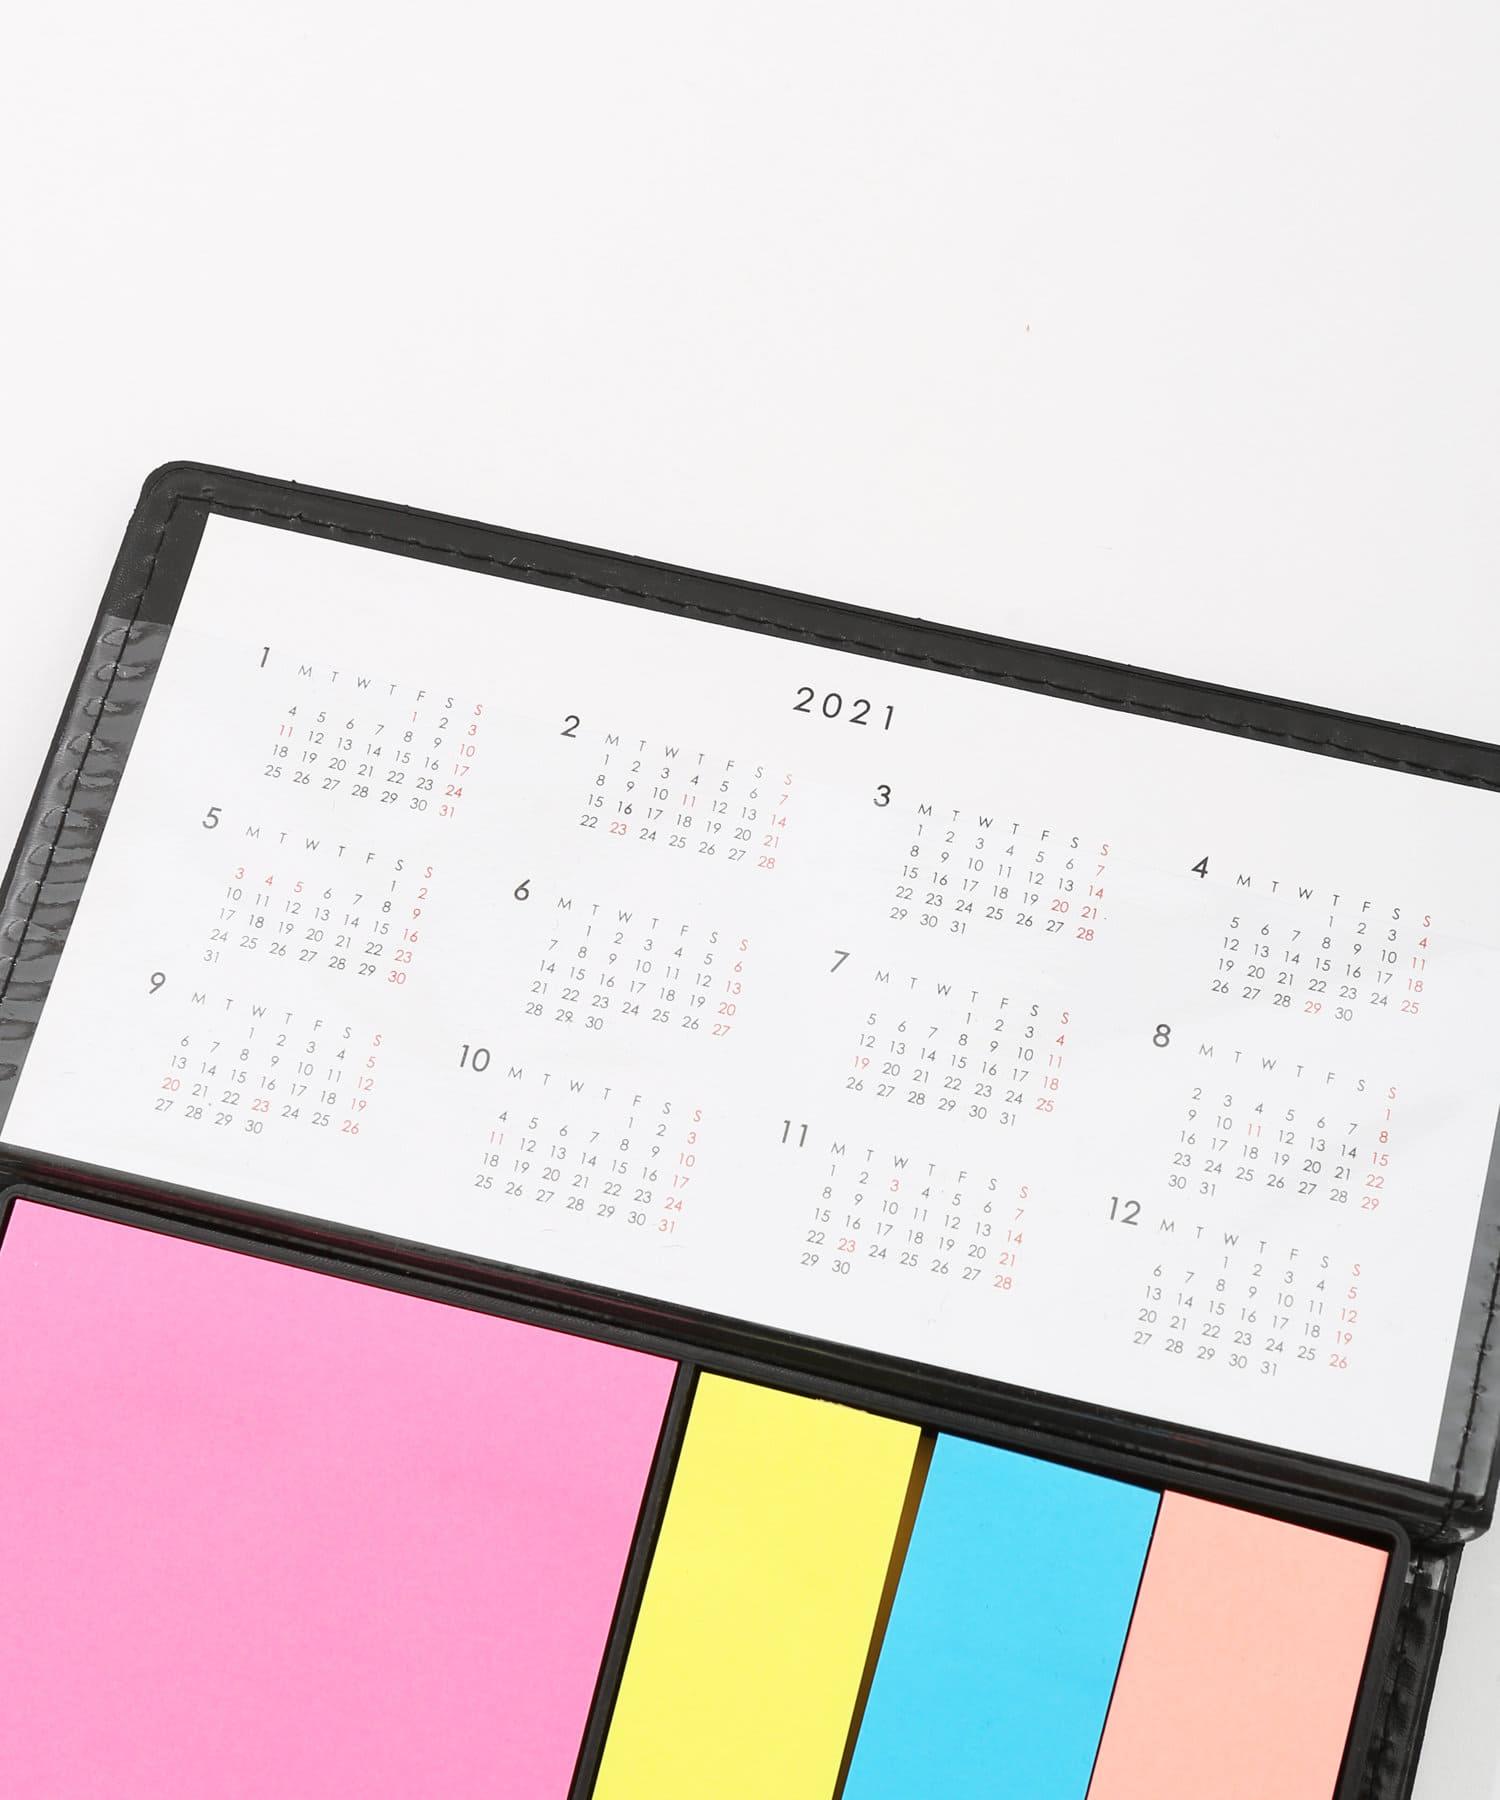 3COINS(スリーコインズ) 【ASOKO】ふせんセットカレンダー